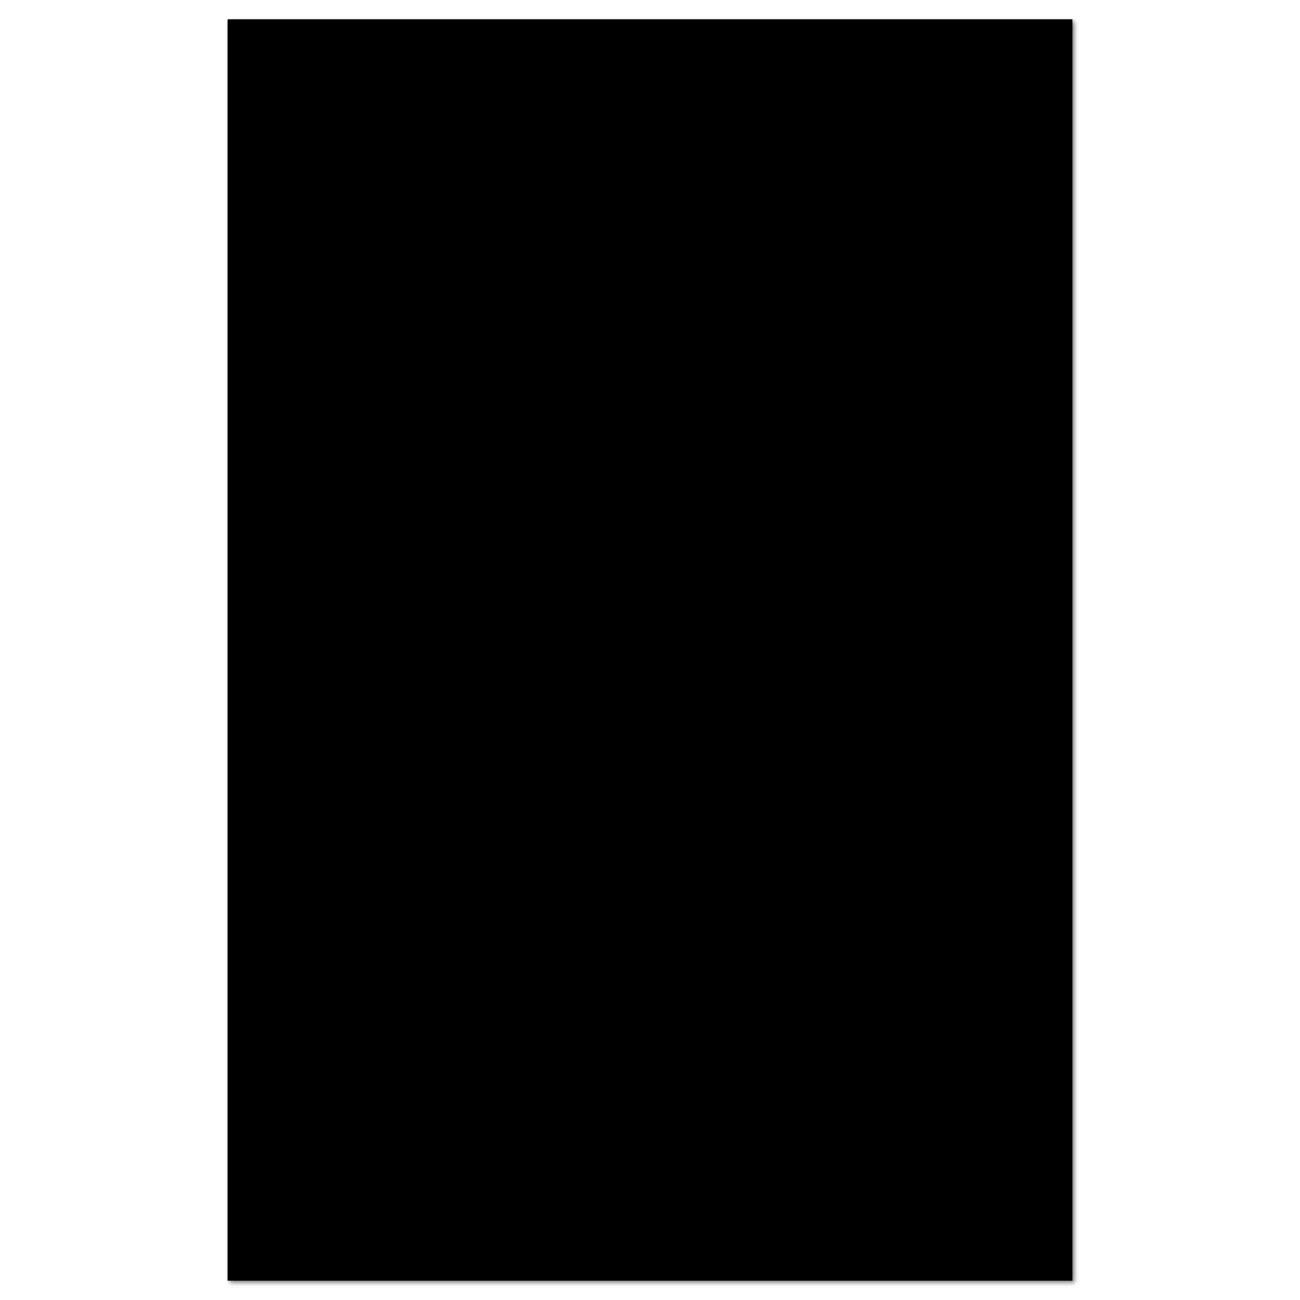 B REFLECTIVE, Lot de 2 Feuille Autocollant r/étro r/éfl/échissant /à d/écouper, Visibilit/é de Nuit, Adh/ésif Universel de signalisation Casque Moto//Scooter//V/élo//Poussette, 20 x 30 cm, Noir